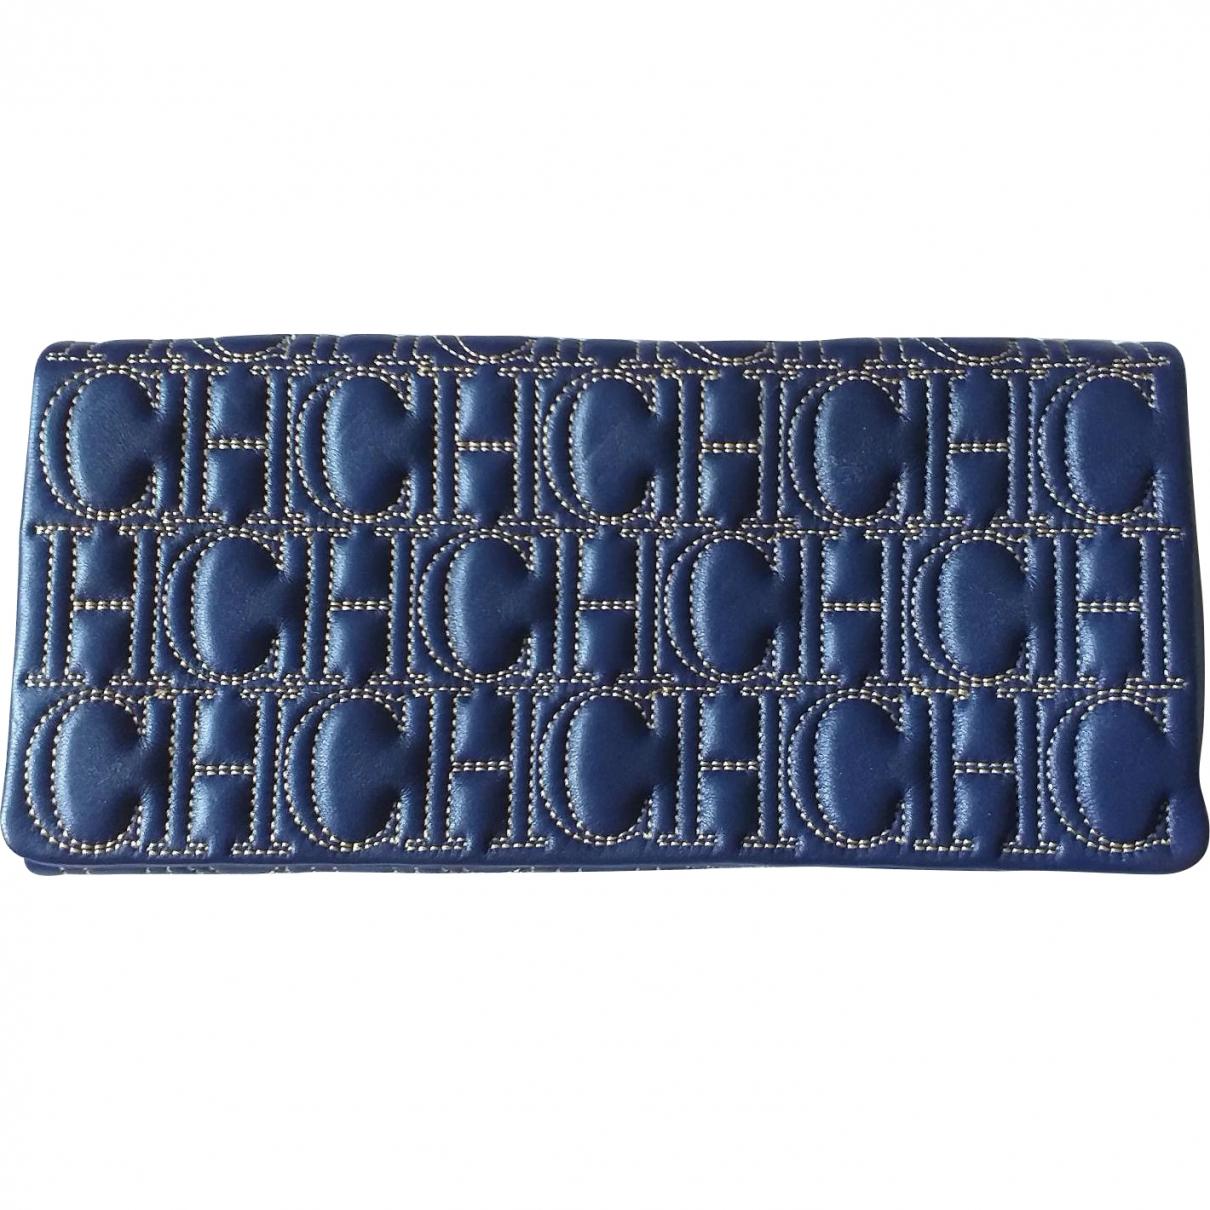 Carolina Herrera \N Blue Leather Clutch bag for Women \N